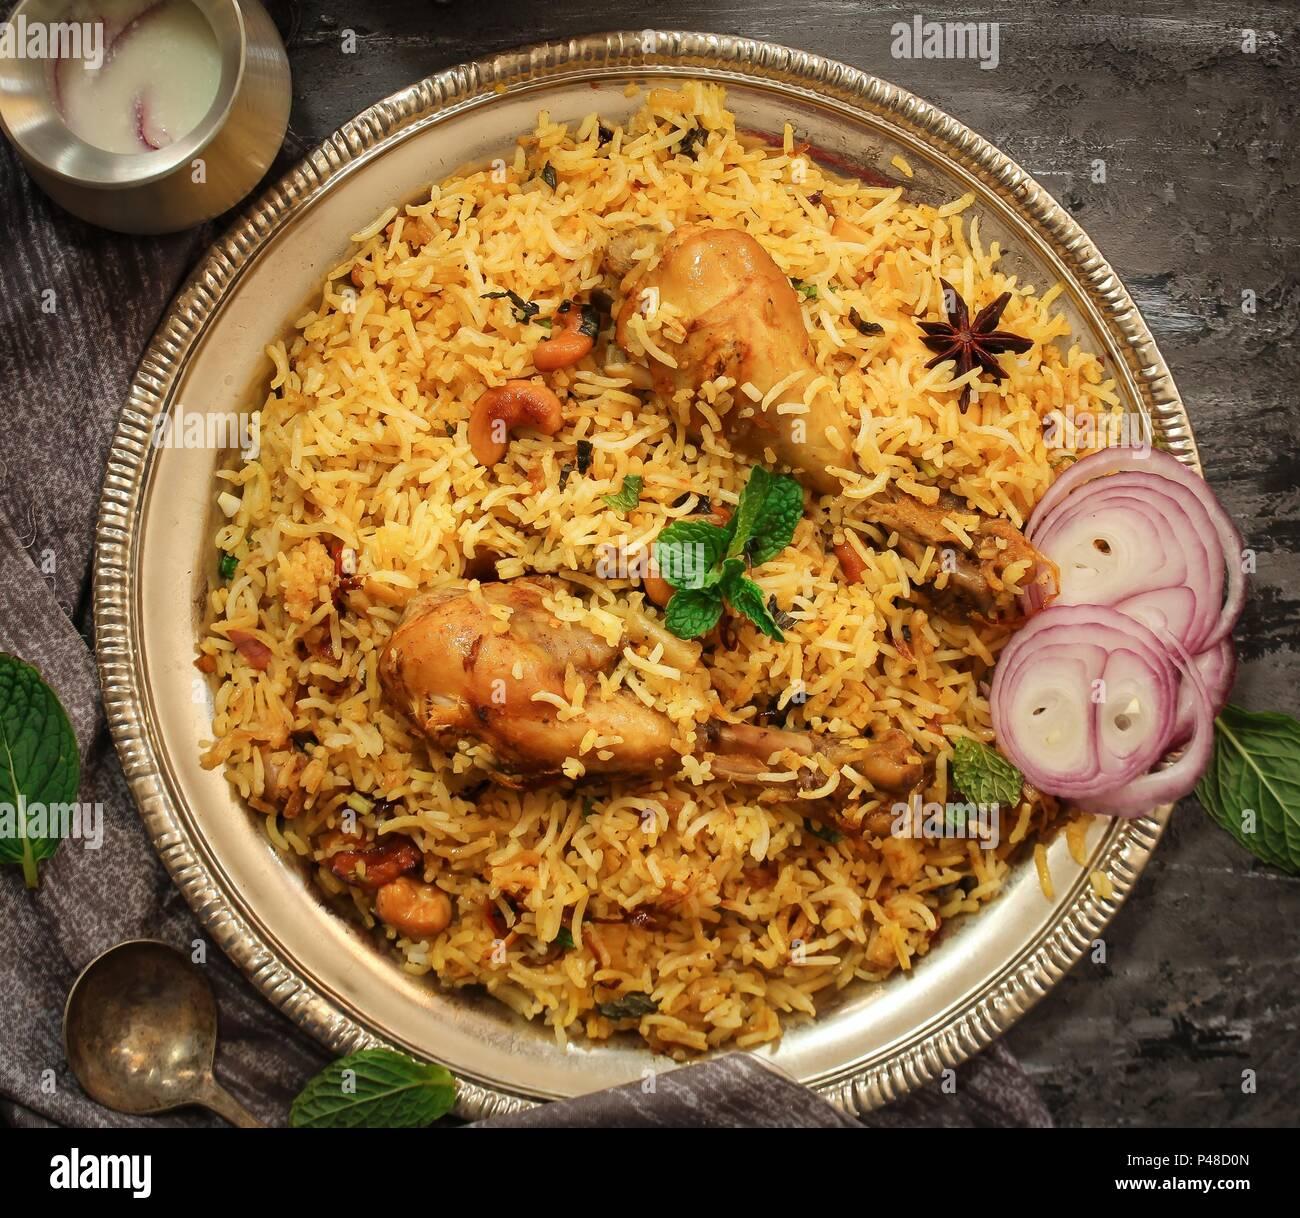 Chicken Kabsa Homemade Arabian Biryani Overhead View Stock Photo Alamy